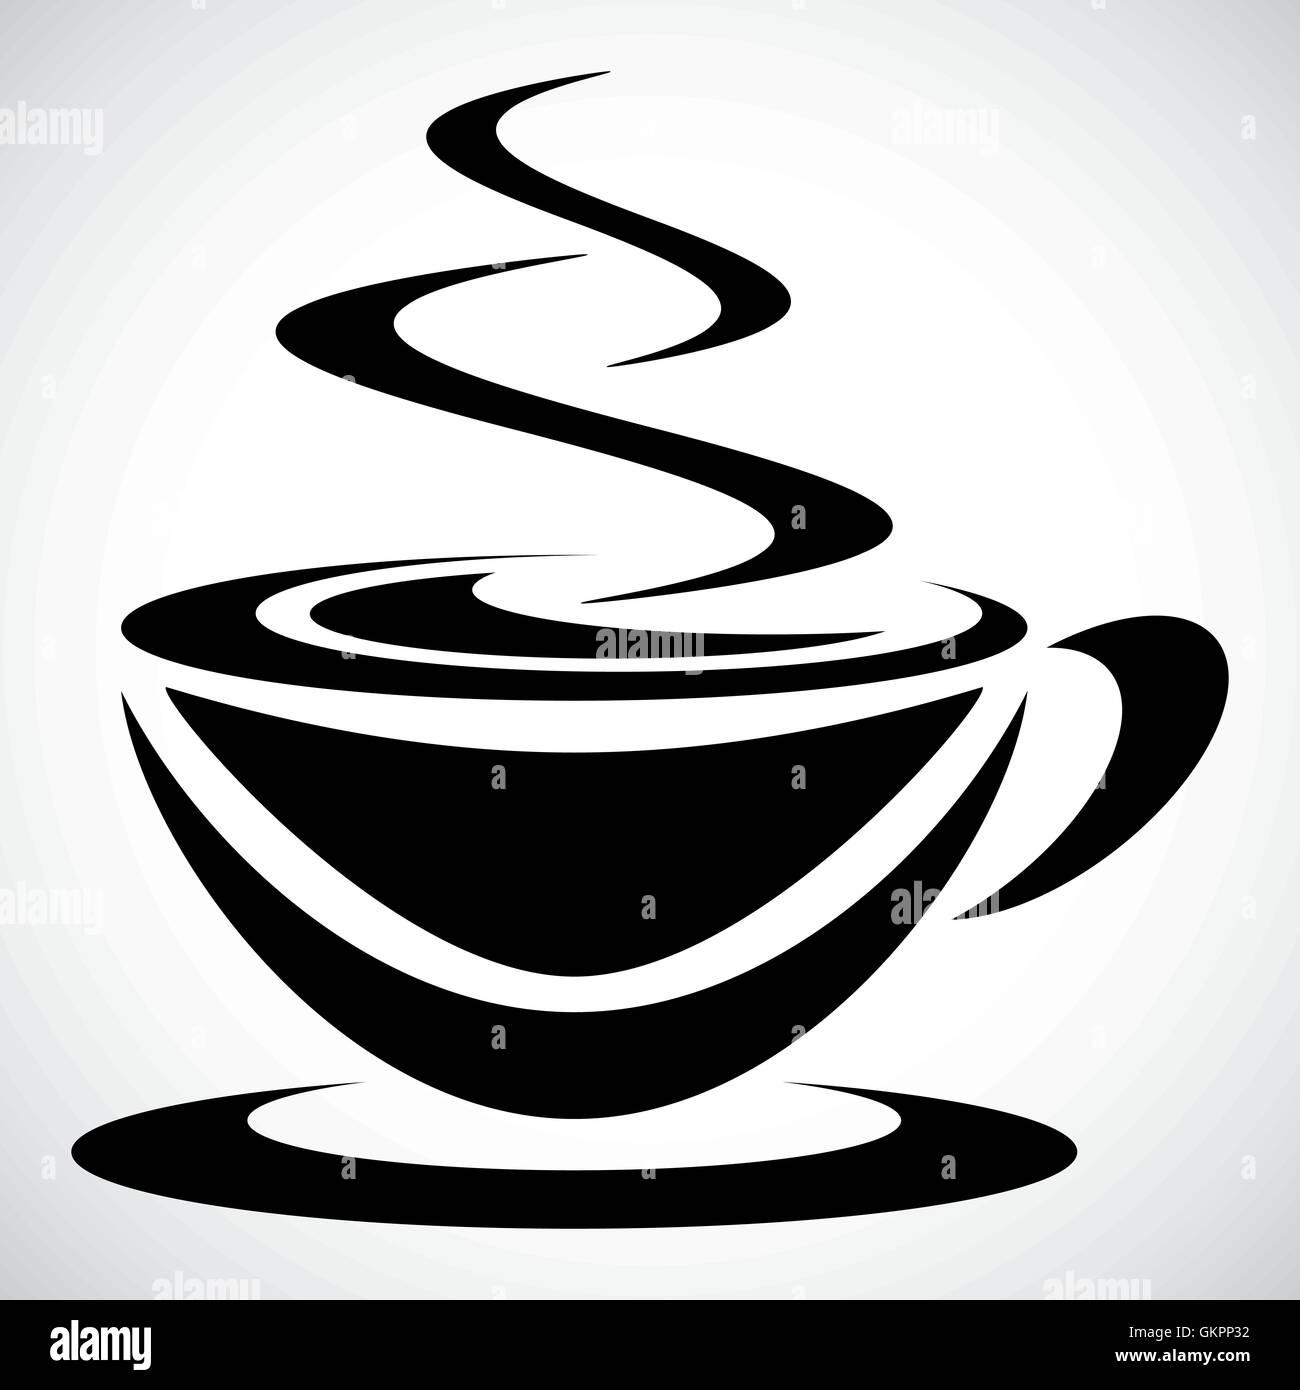 Symbol Piktogramm schwarzen Kaffee für den kreativen Einsatz in Grafik-design Stockbild